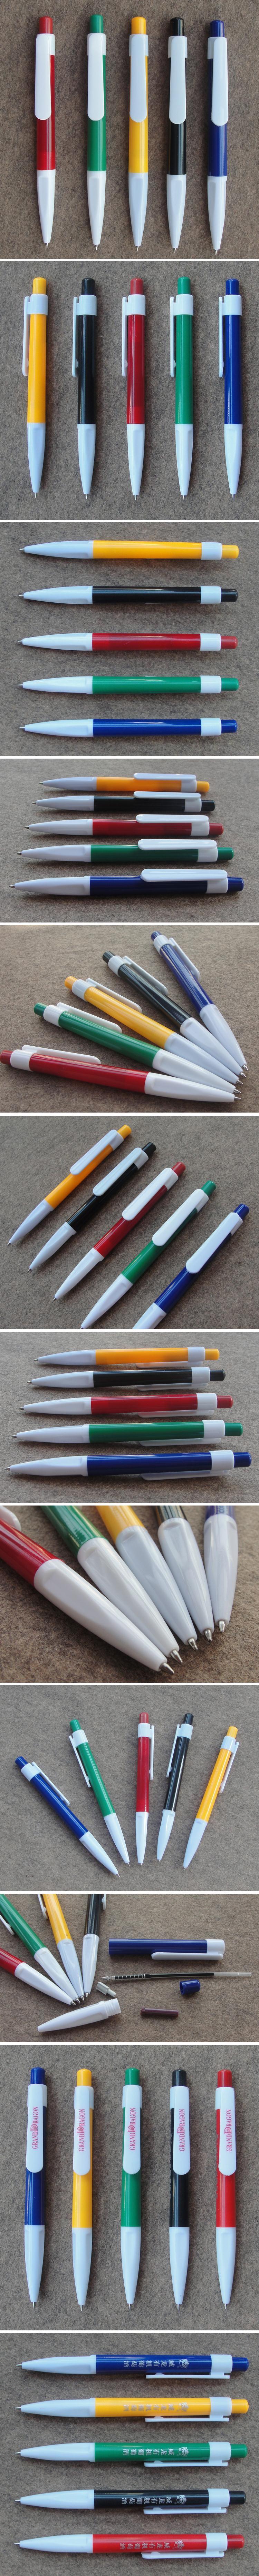 500 caneta esferográfica fornecedor pçs lote Personalizado